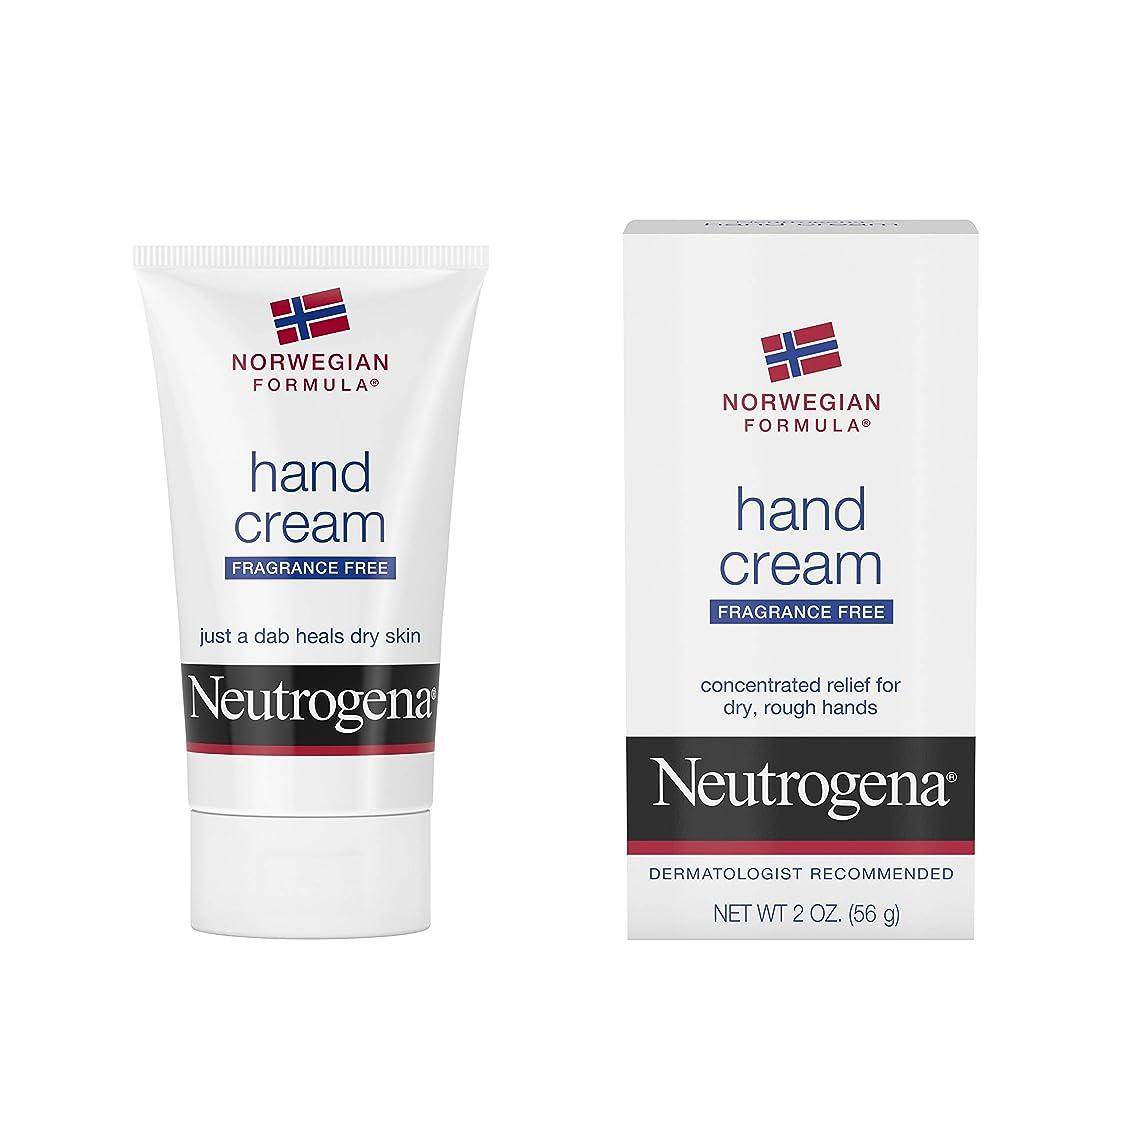 作りますペナルティ必須Neutrogena Norwegian Formula Hand Cream Fragrance-Free 60 ml (並行輸入品)